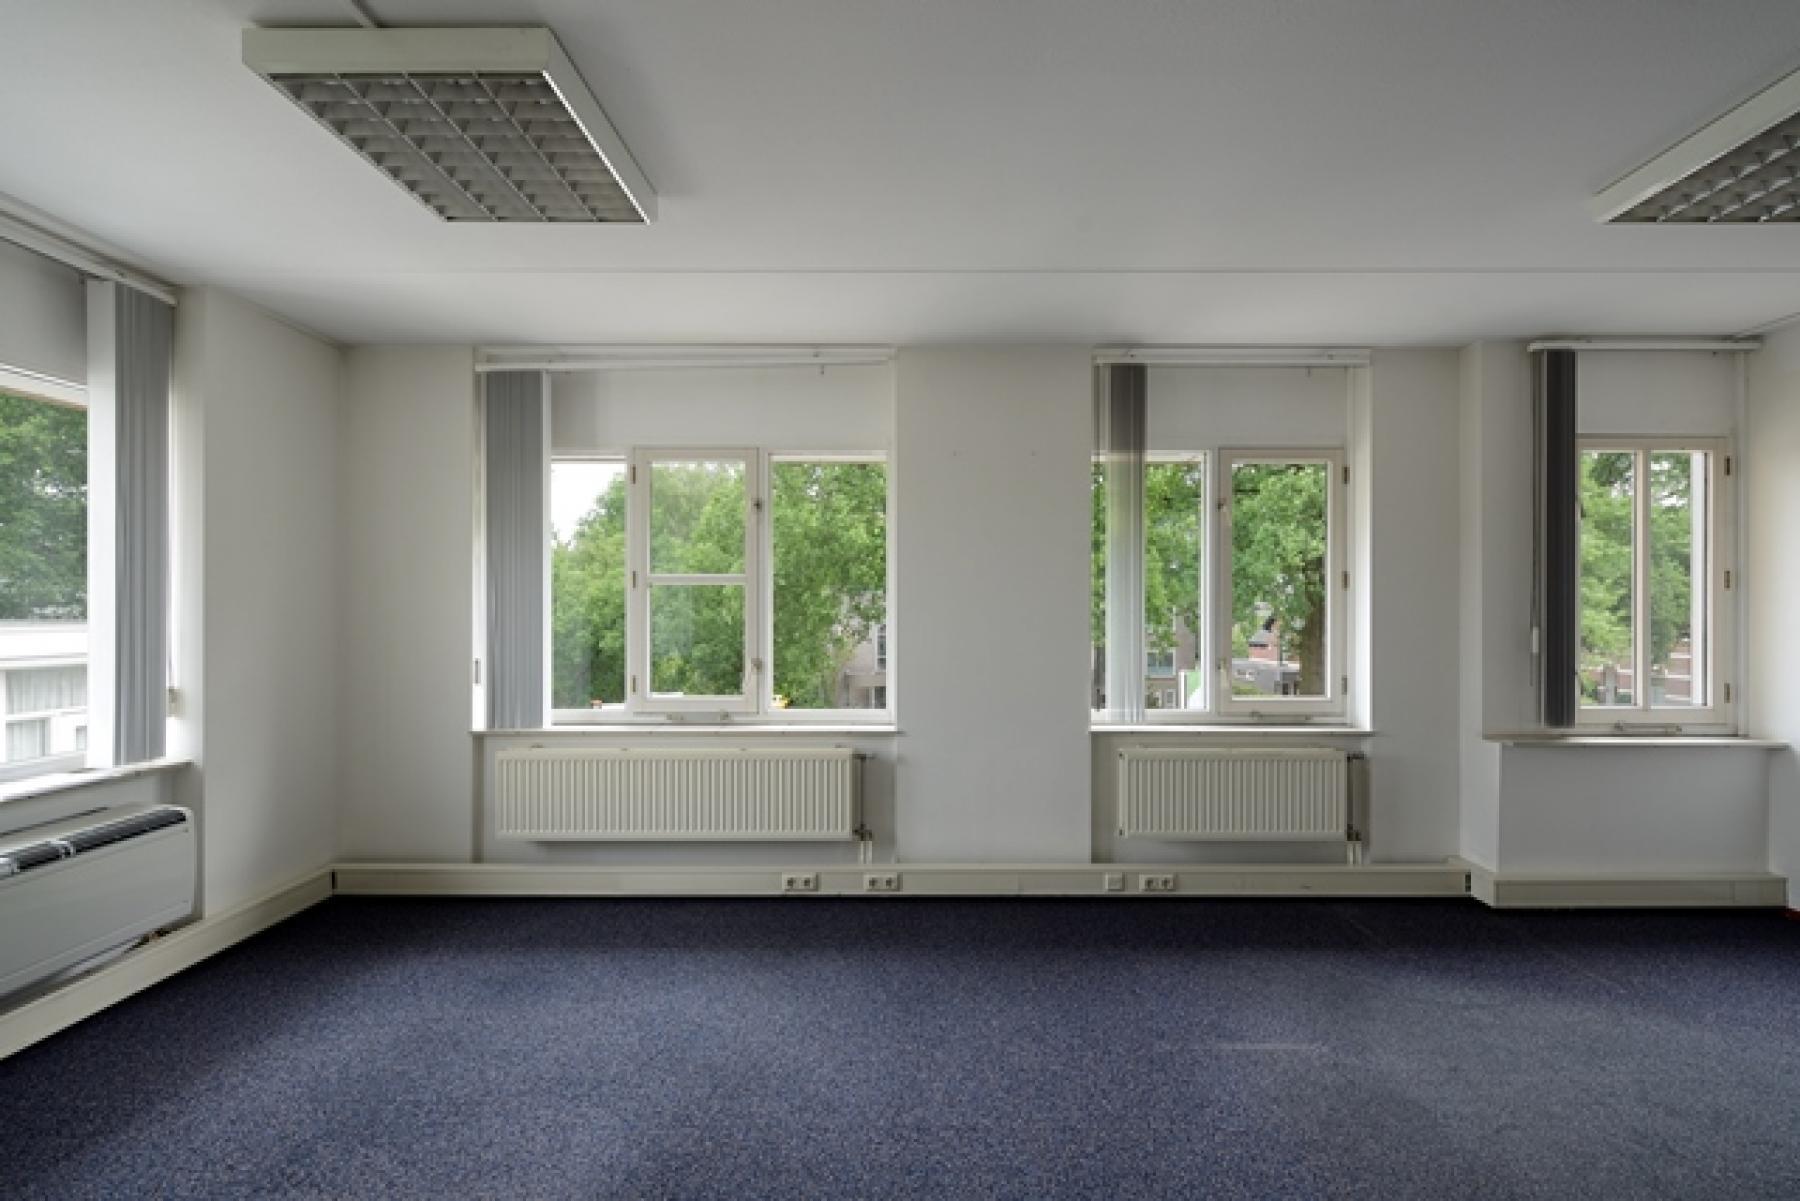 kantoorruimte huren vanaf 48 m2 apeldoorn arnhemseweg ramen uitzicht verwarming vloerbedekking